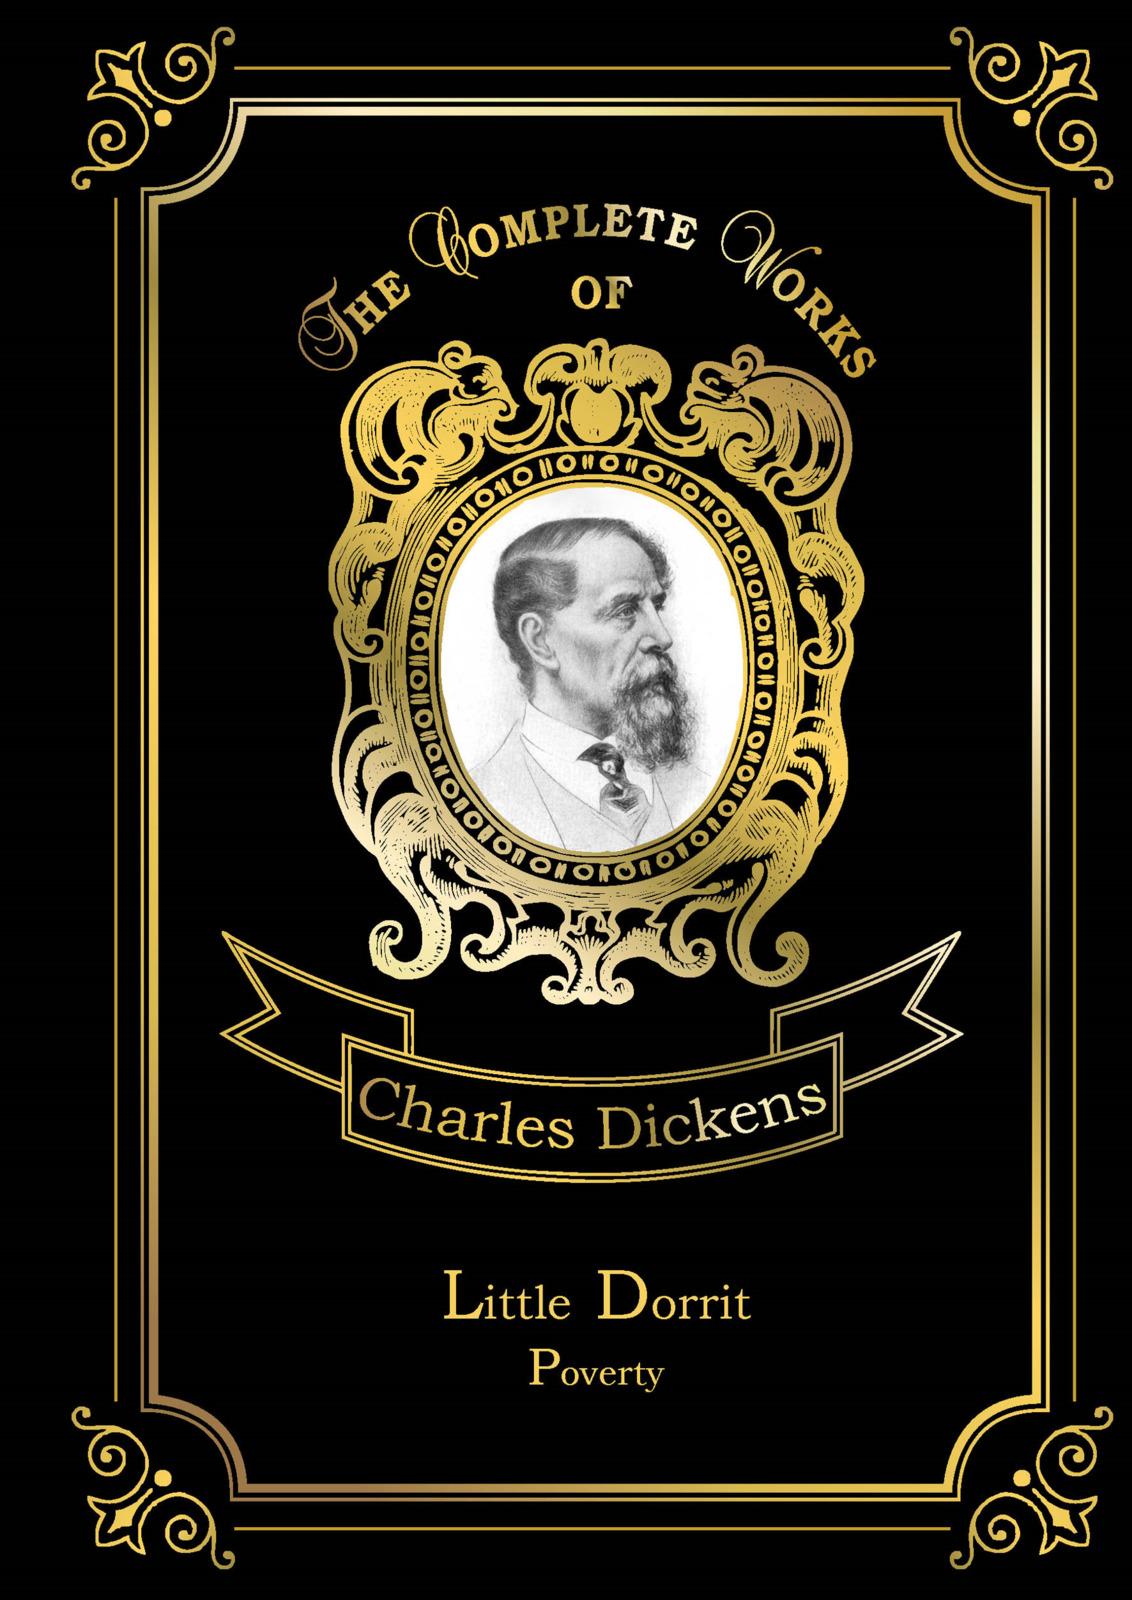 Charles Dickens Little Dorrit: Poverty